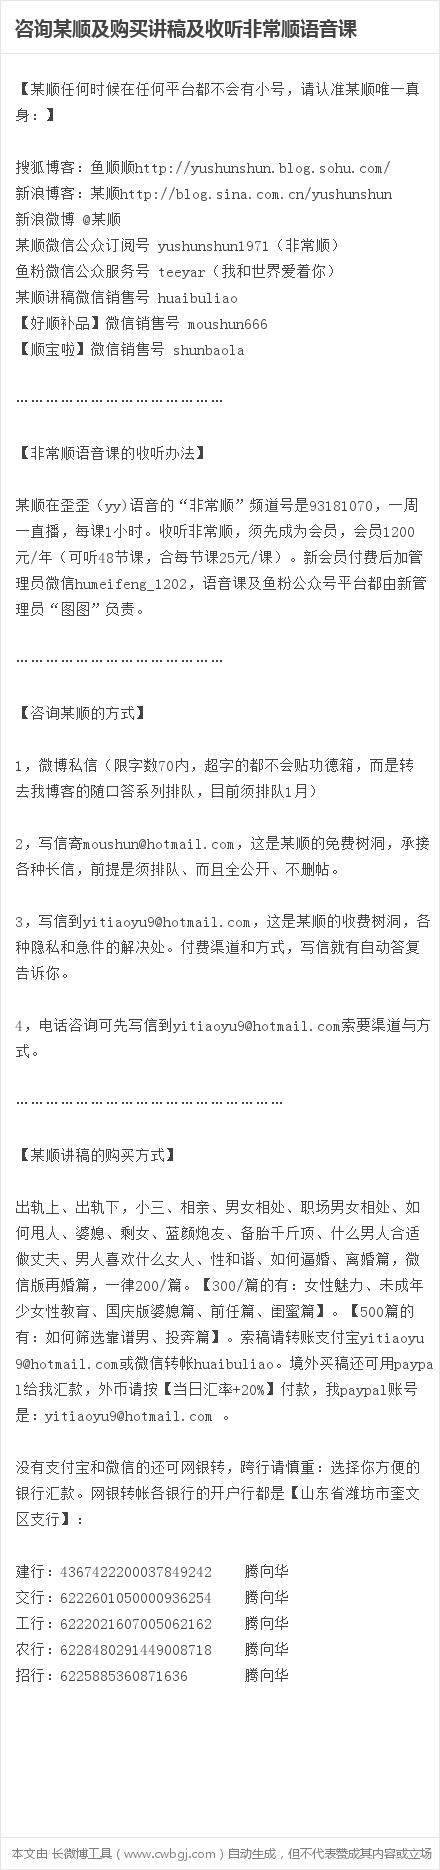 顺口答二二零六 - yushunshun - 鱼顺顺的博客